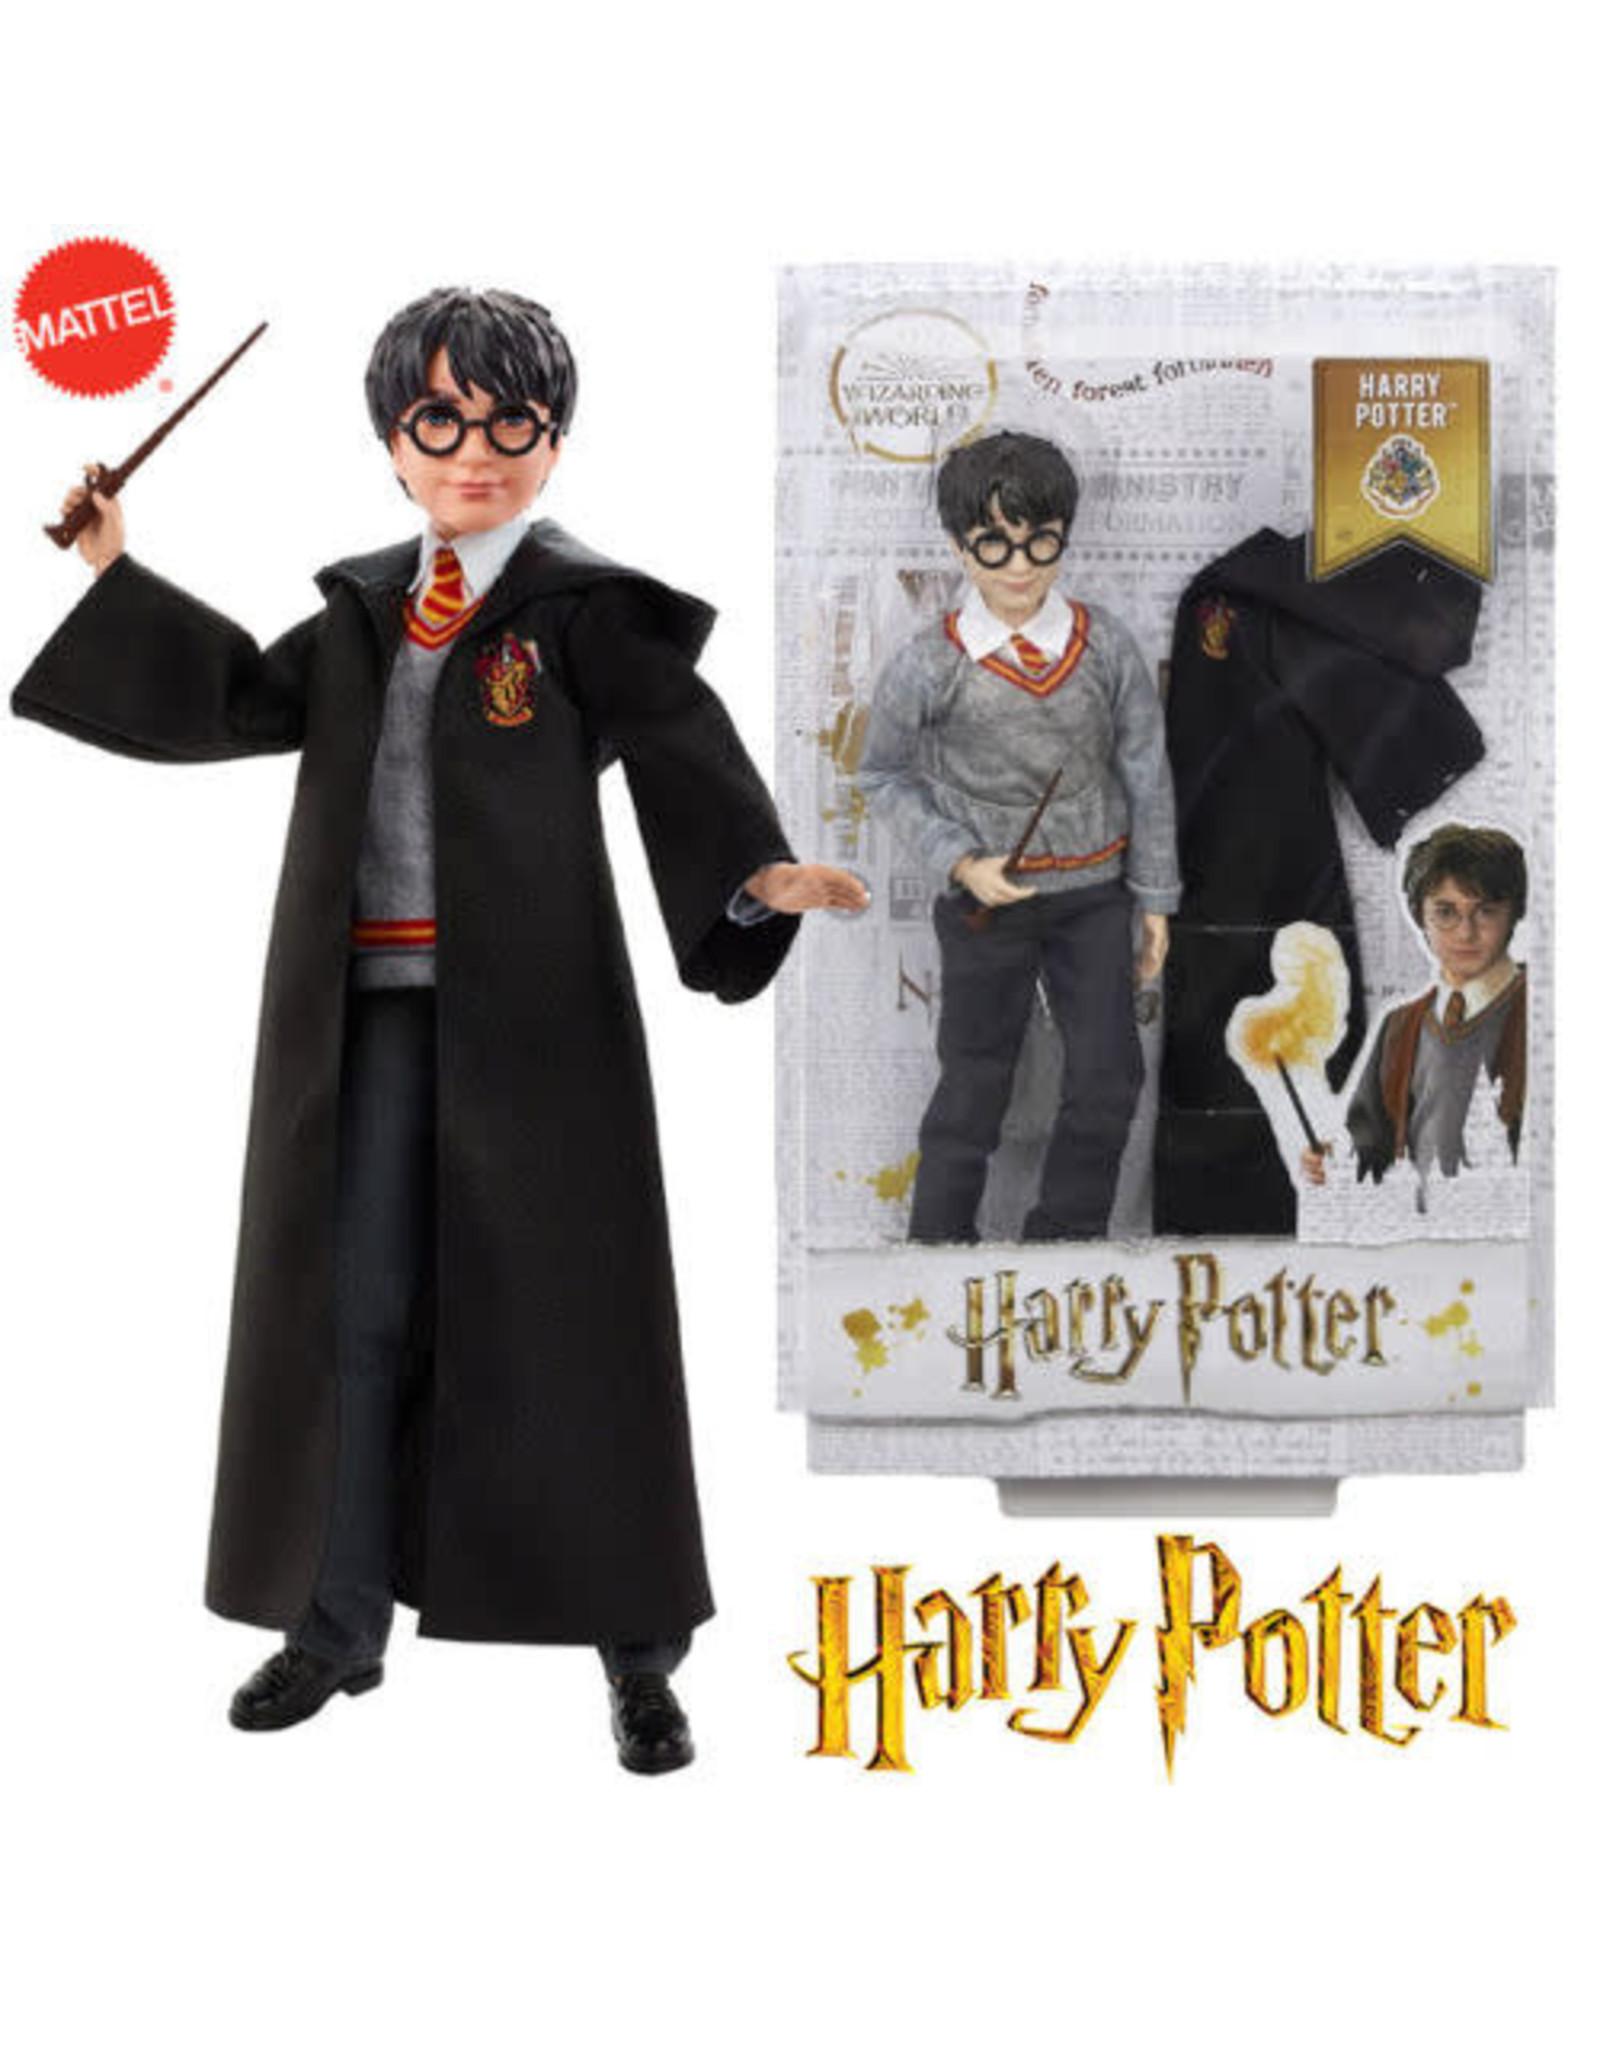 HARRY POTTER Action Figure 26cm - Harry Potter